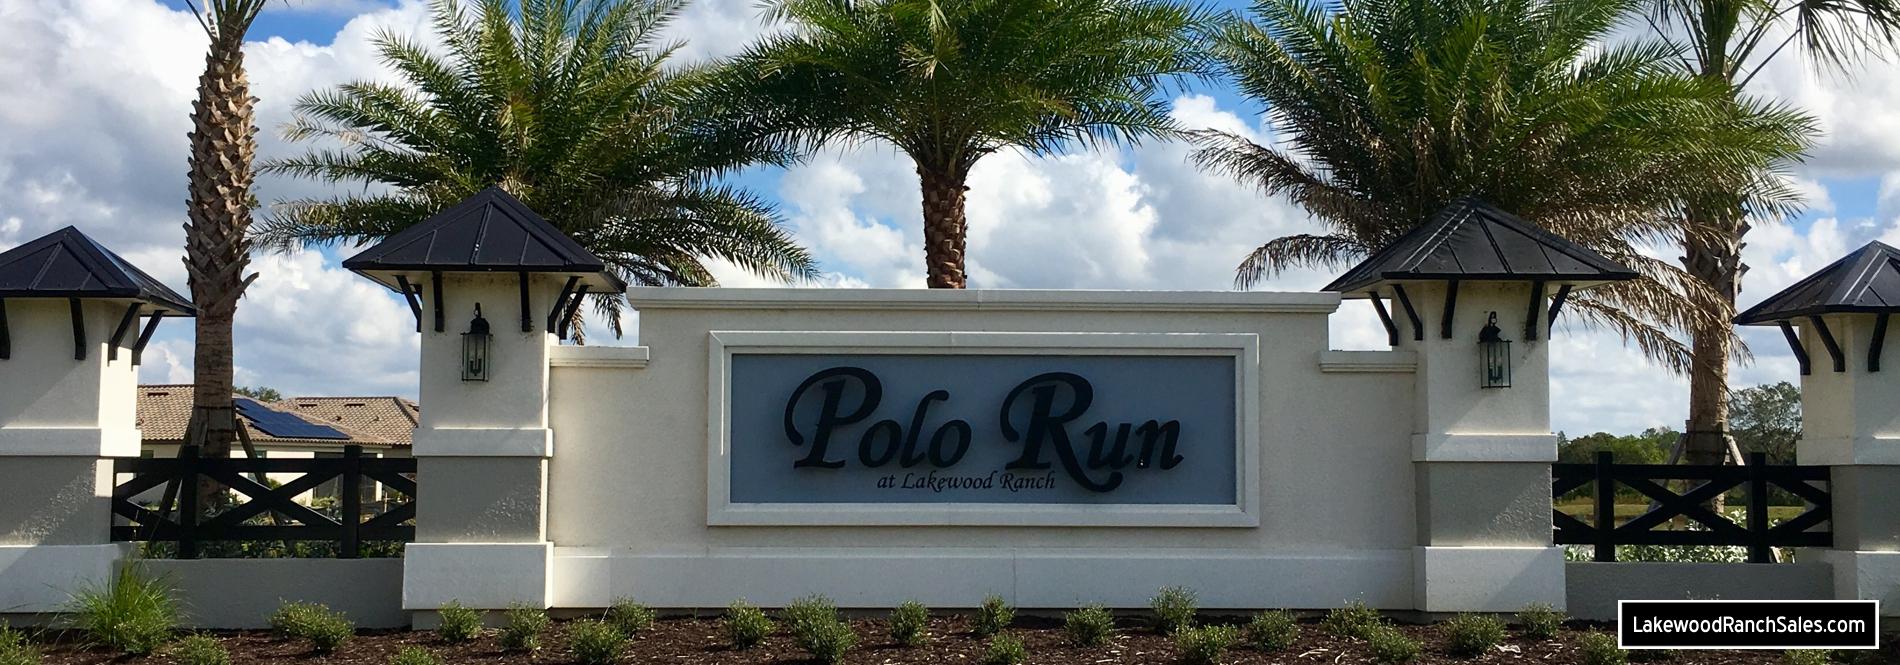 Polo Run at Lakewood Ranch